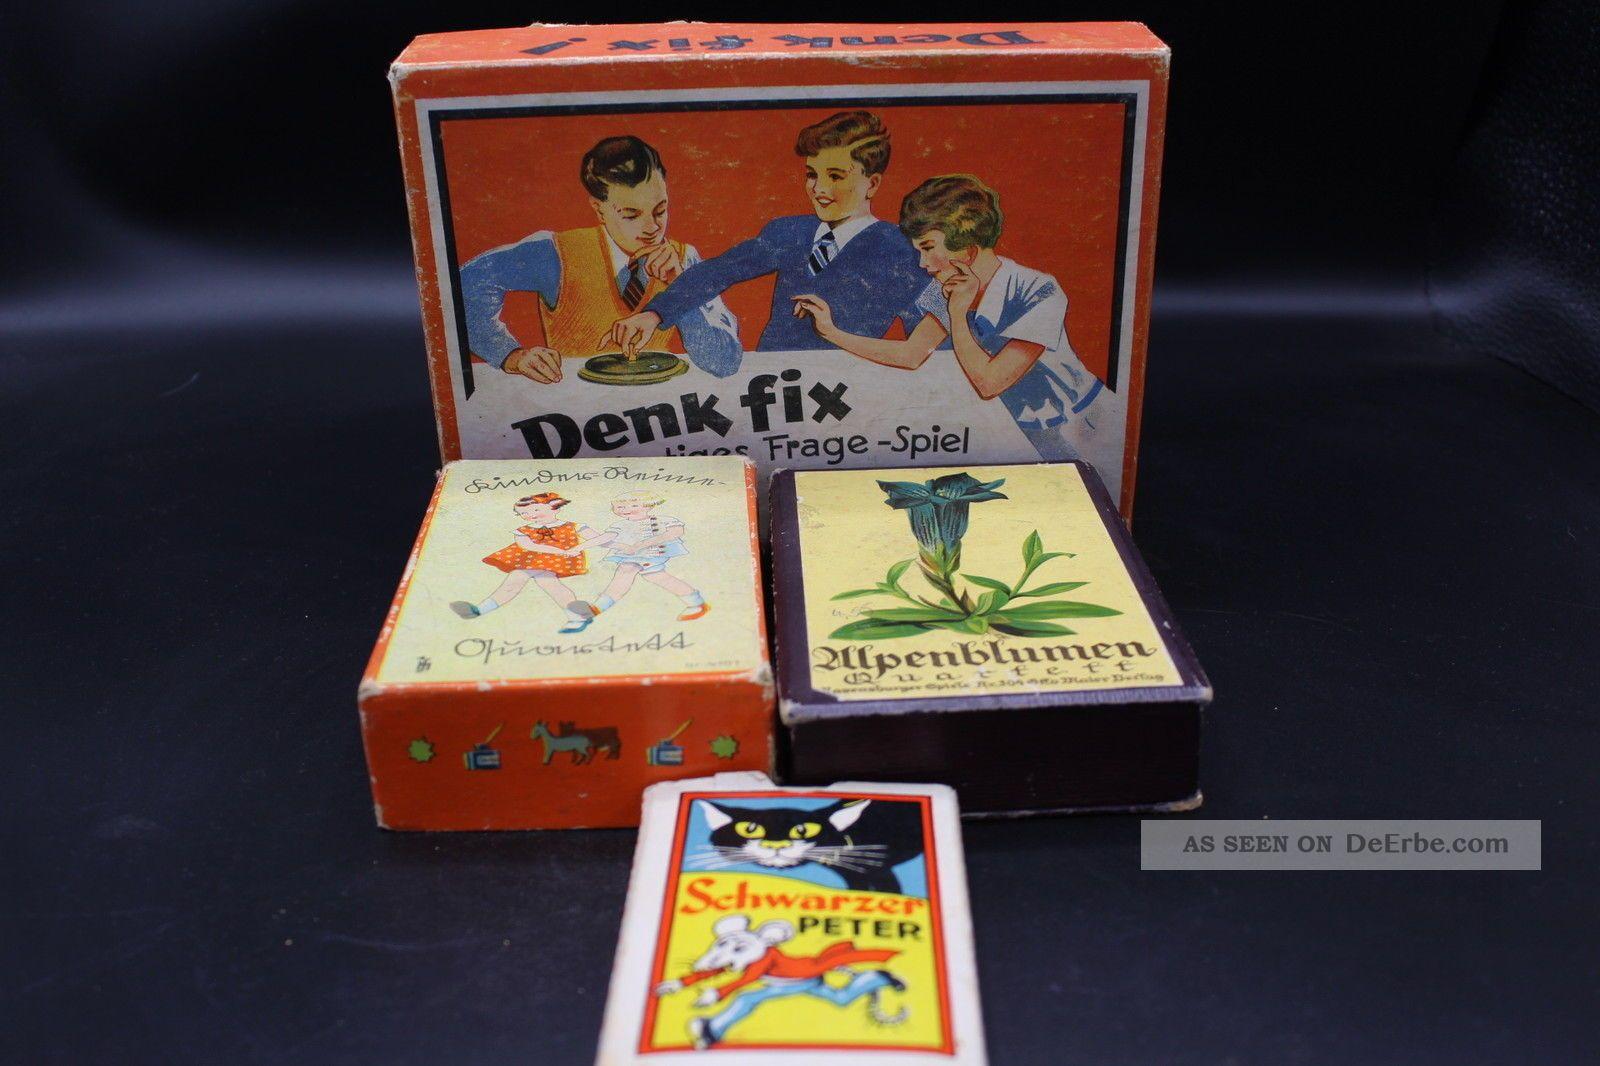 4 Antike Spiele Schwarzer Peter Quartett Denk Fix Vintage 1940 Gefertigt vor 1945 Bild